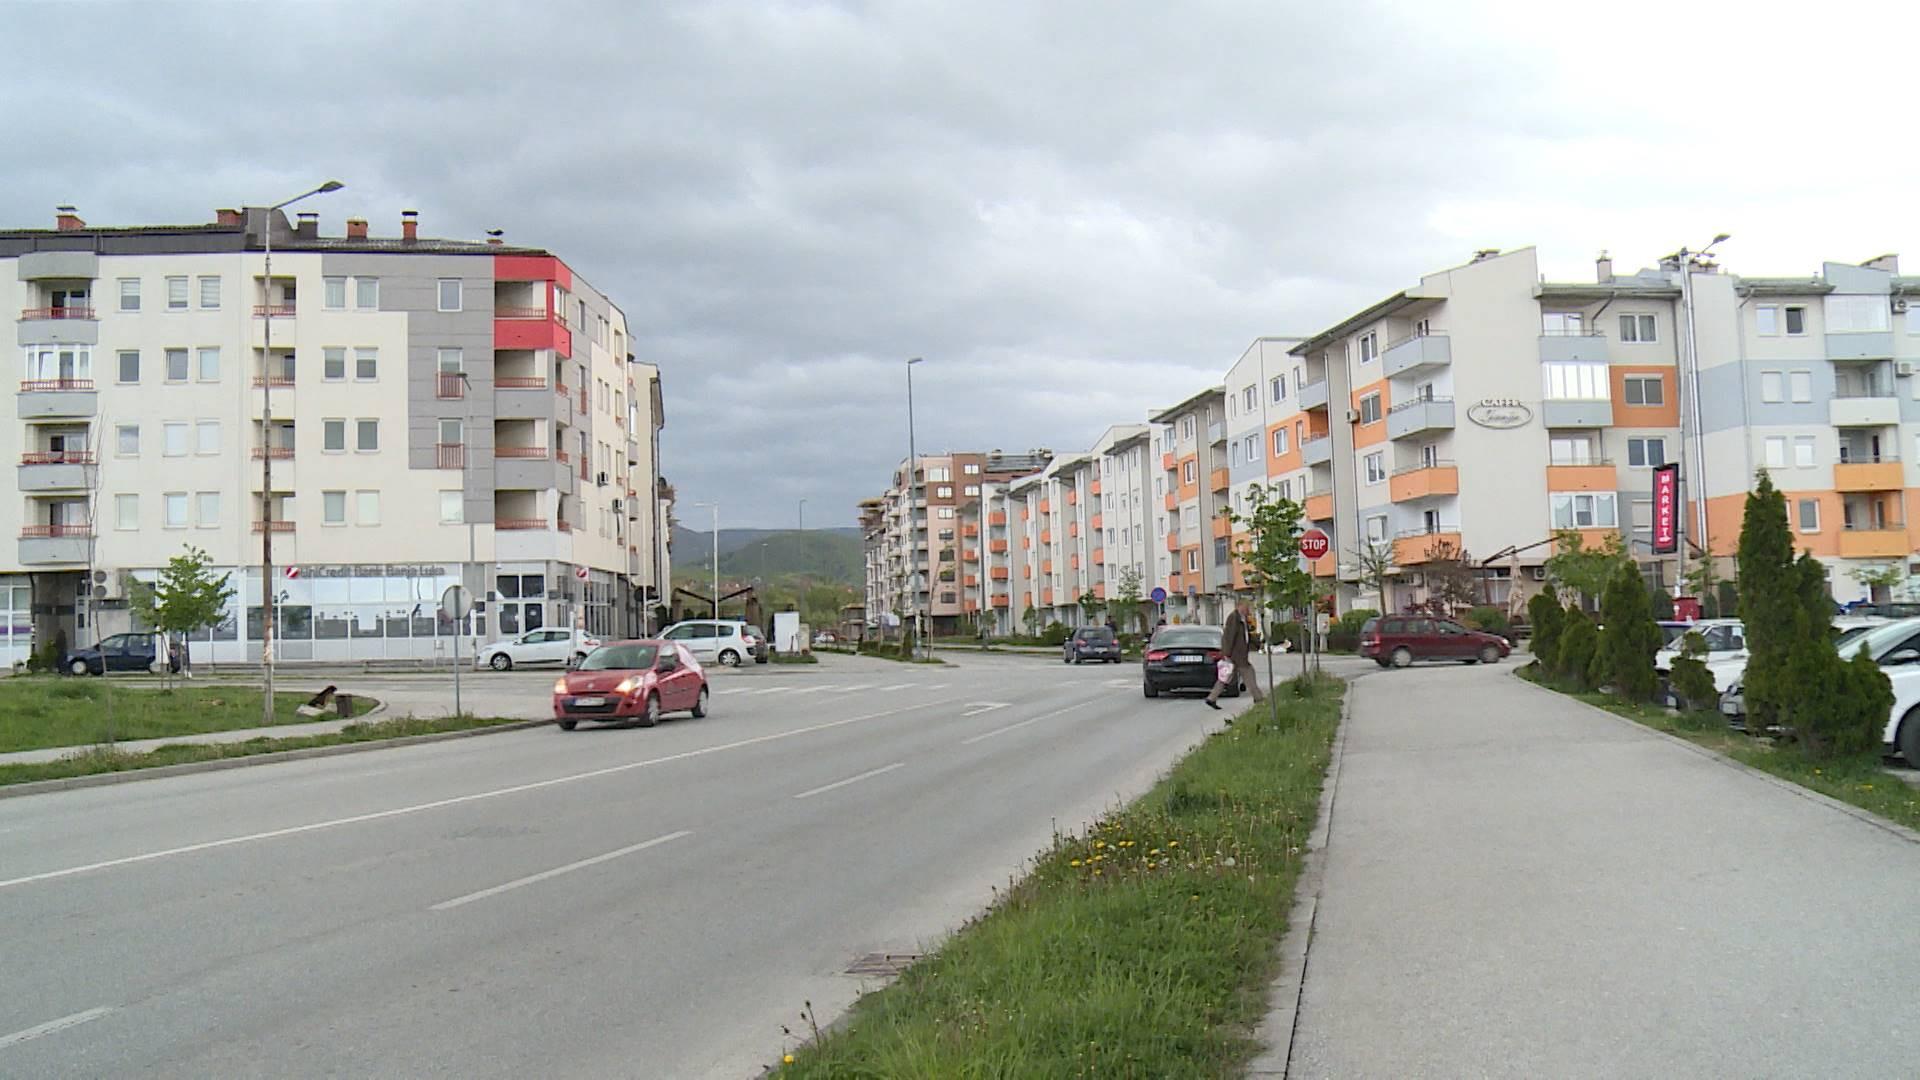 Kategorizacija smještajnih objekata